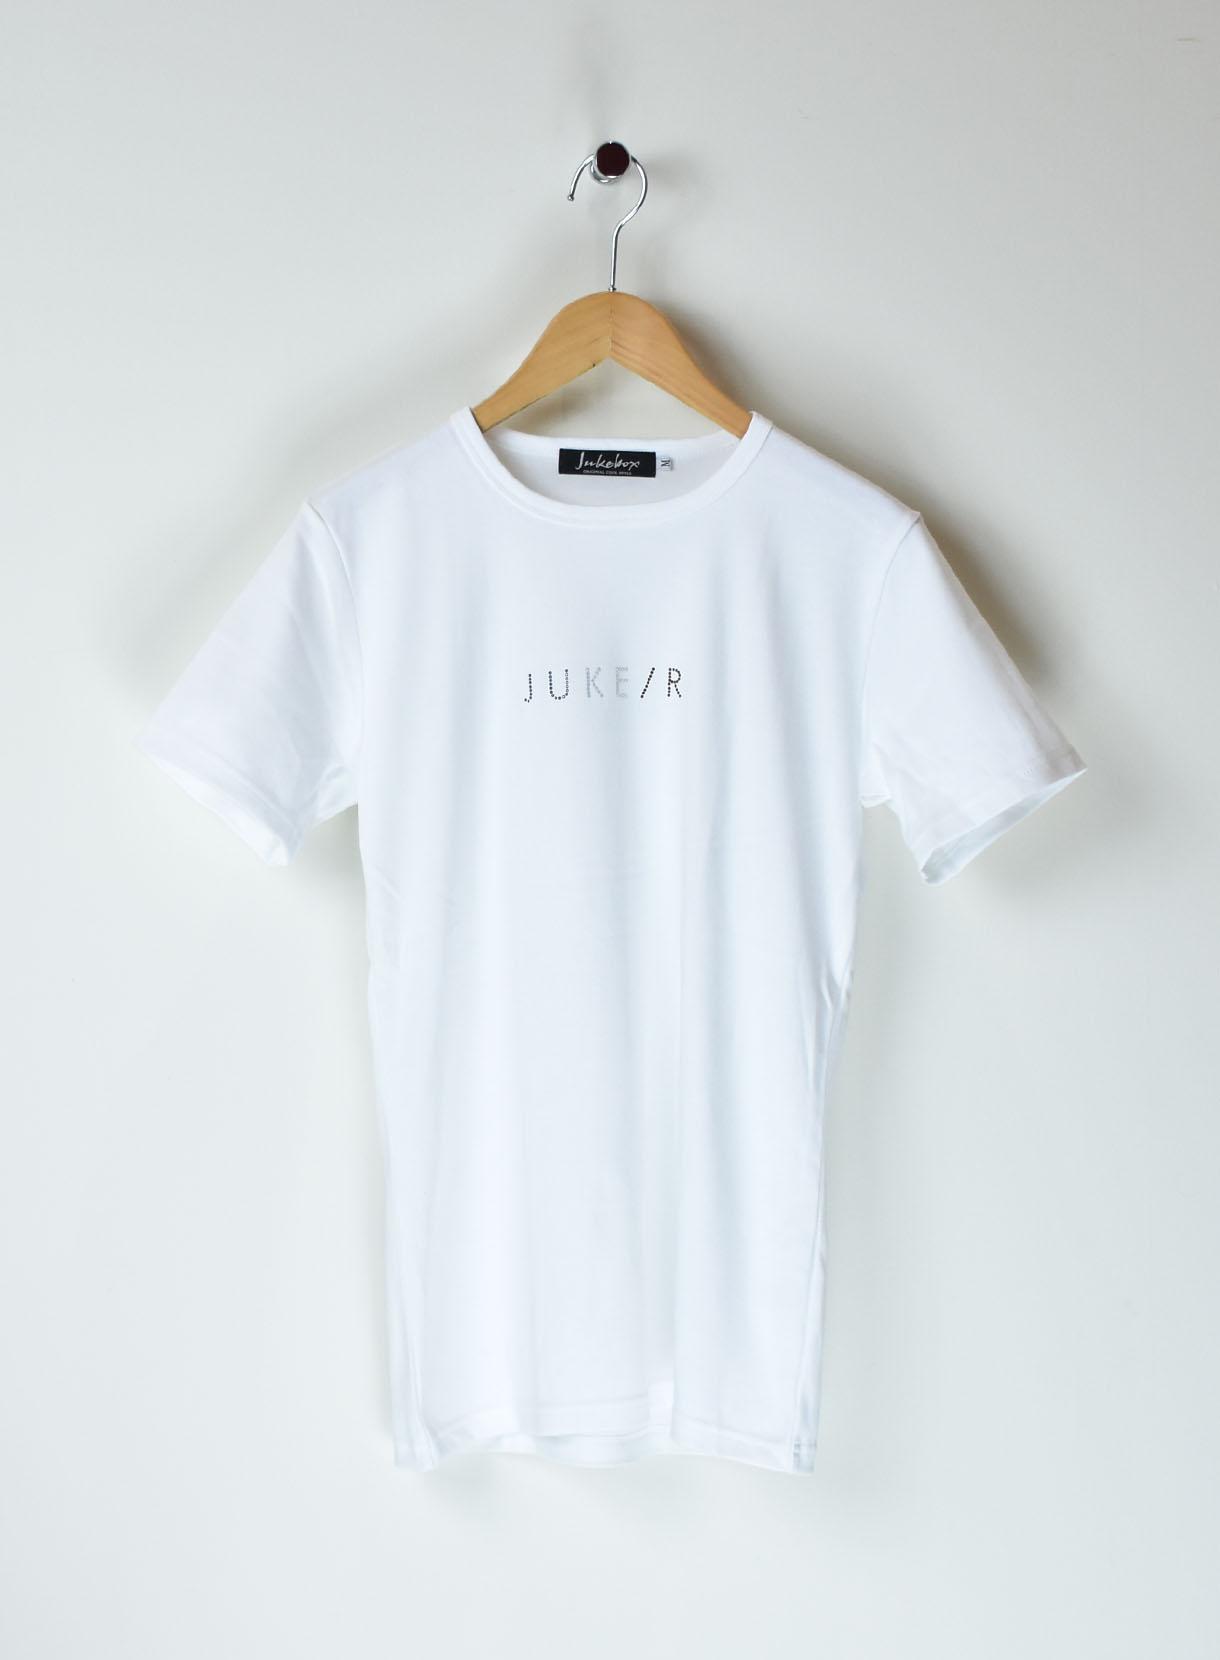 JUKEBOX SWAROVSKI Tシャツ(フロント JUKE/Rトリコロール小柄)